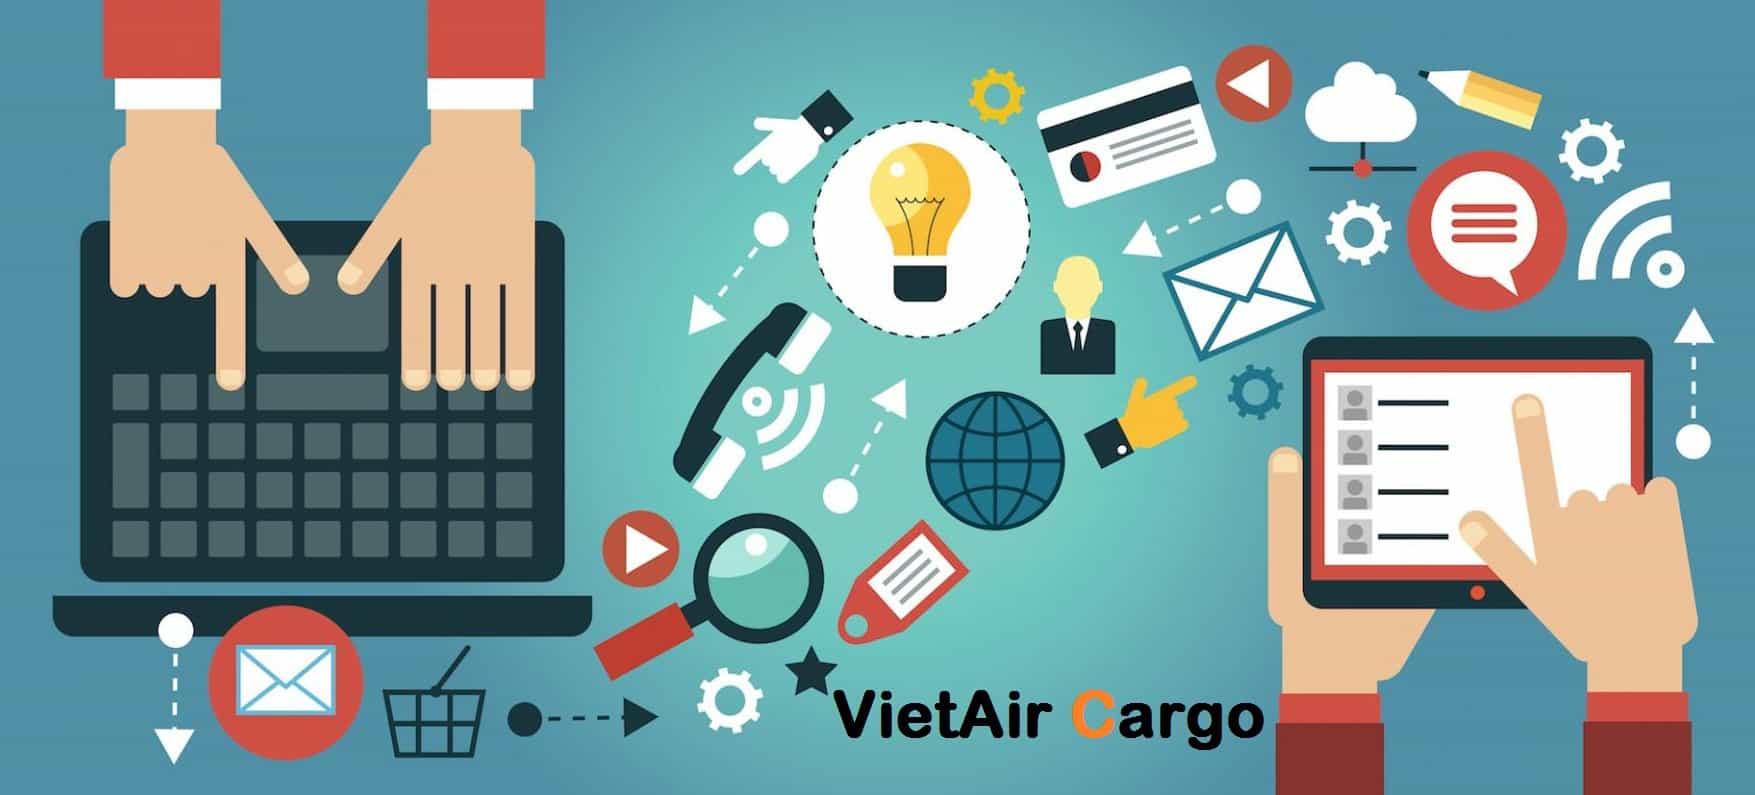 uu-diem-khi-su-dung-dich-vu-mua-ho-hang-my-tai-vietair-cargo Ưu điểm của dịch vụ mua hộ hàng Mỹ tại VietAir Cargo